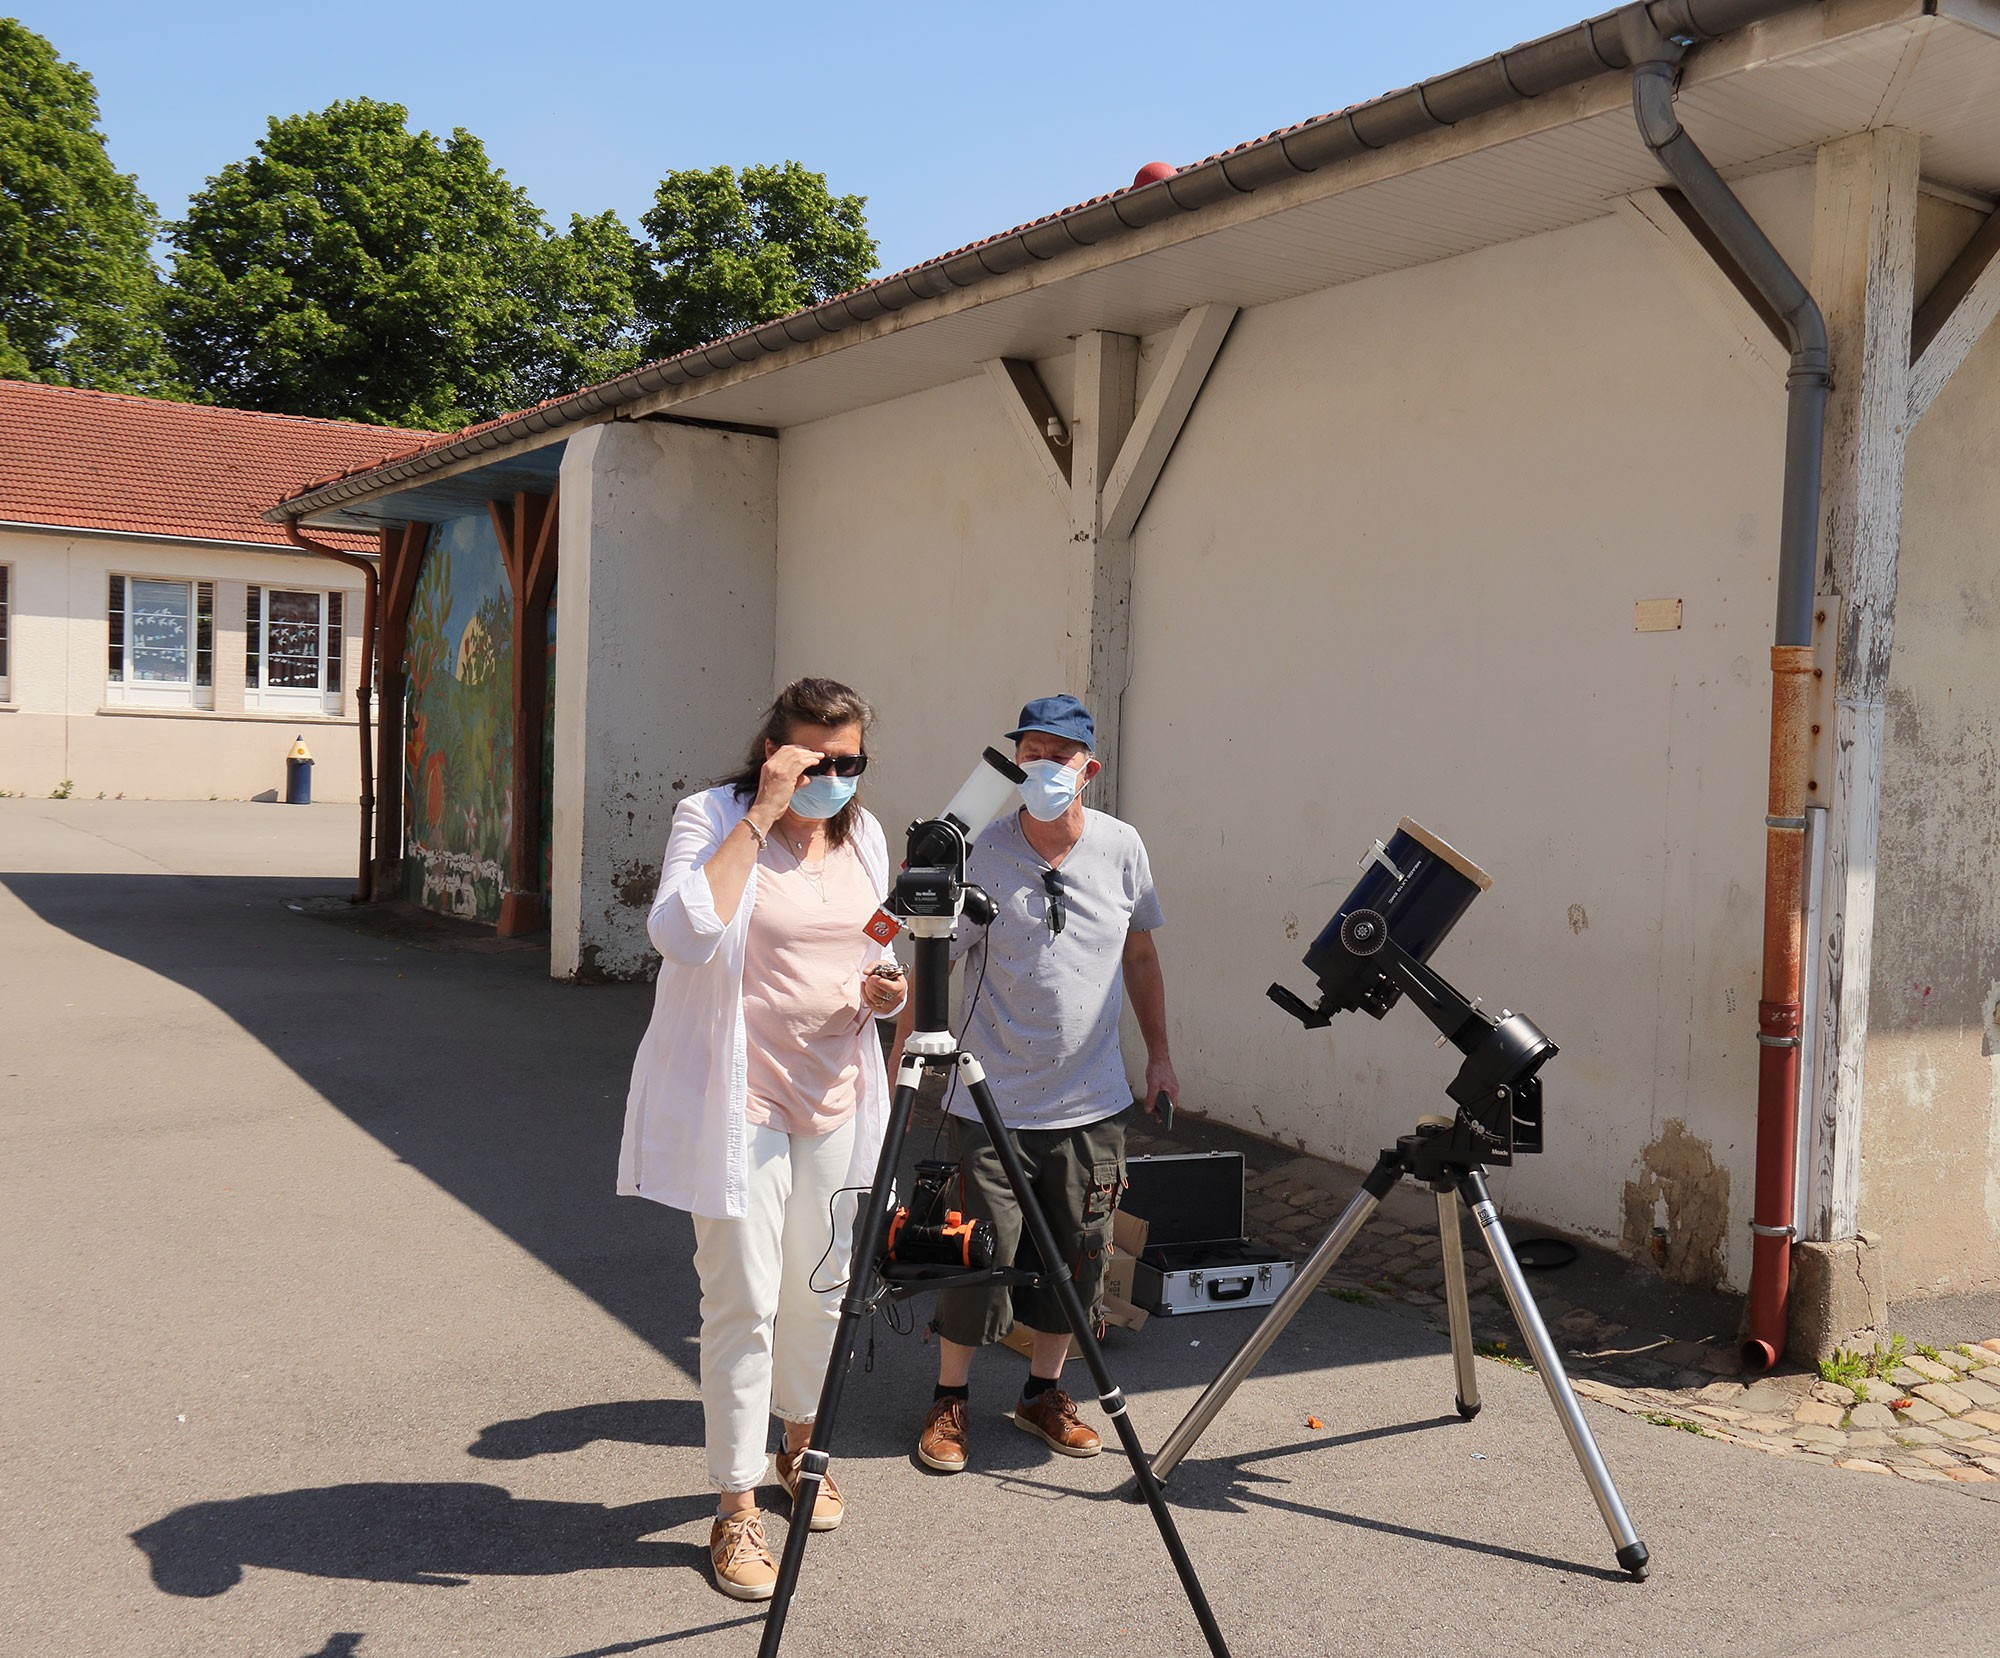 Astroloisir eclipsepartielle04